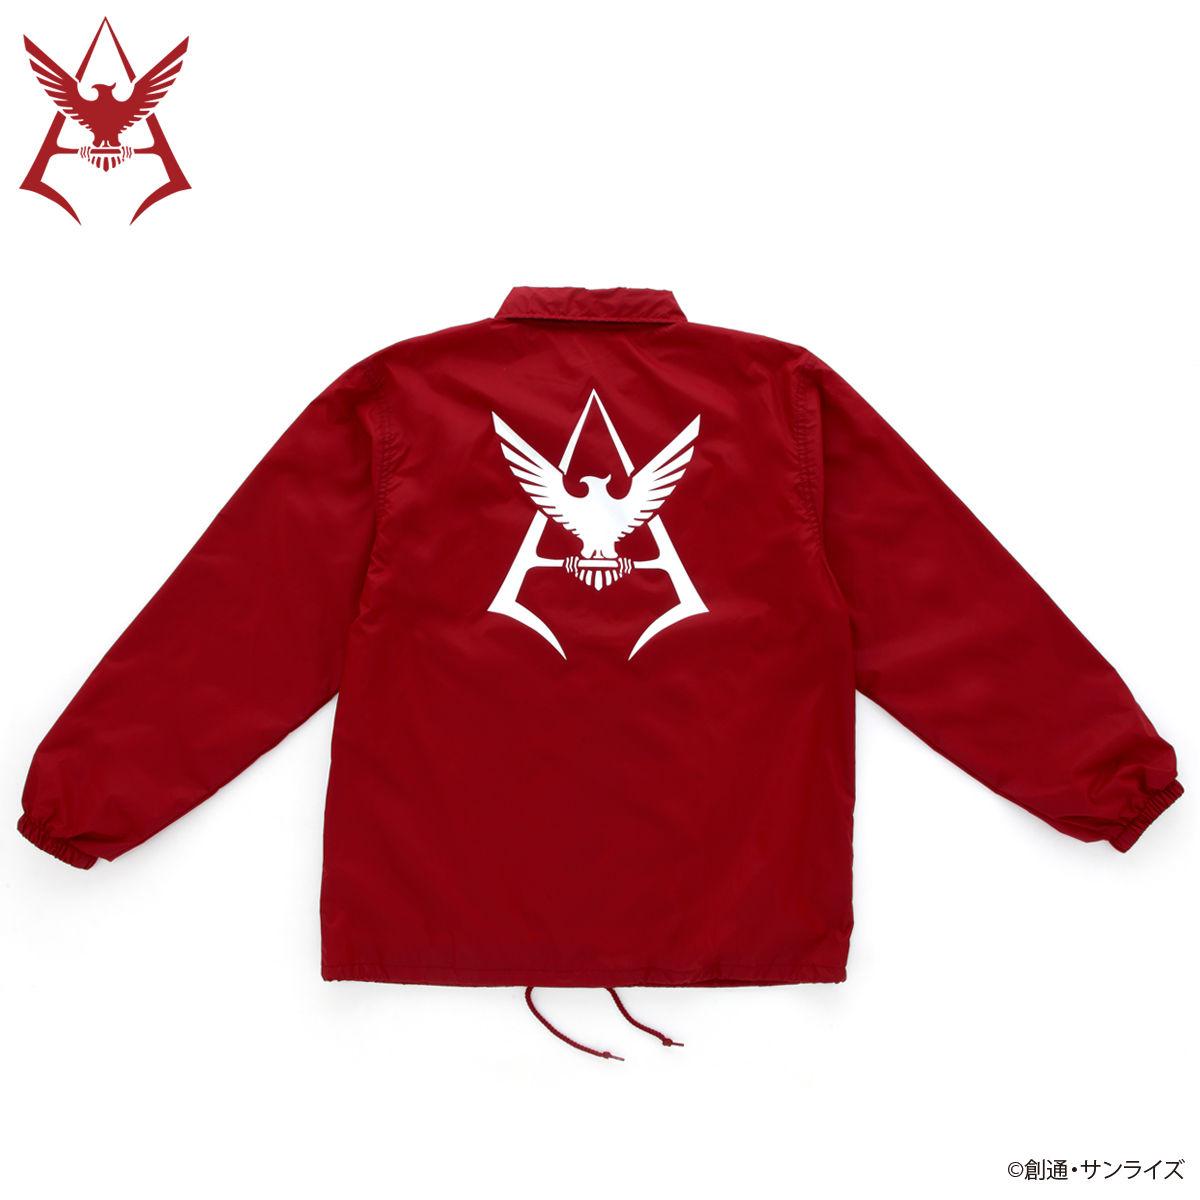 Mobile Suit Gundam Char Aznable Emblem Coach Jacket